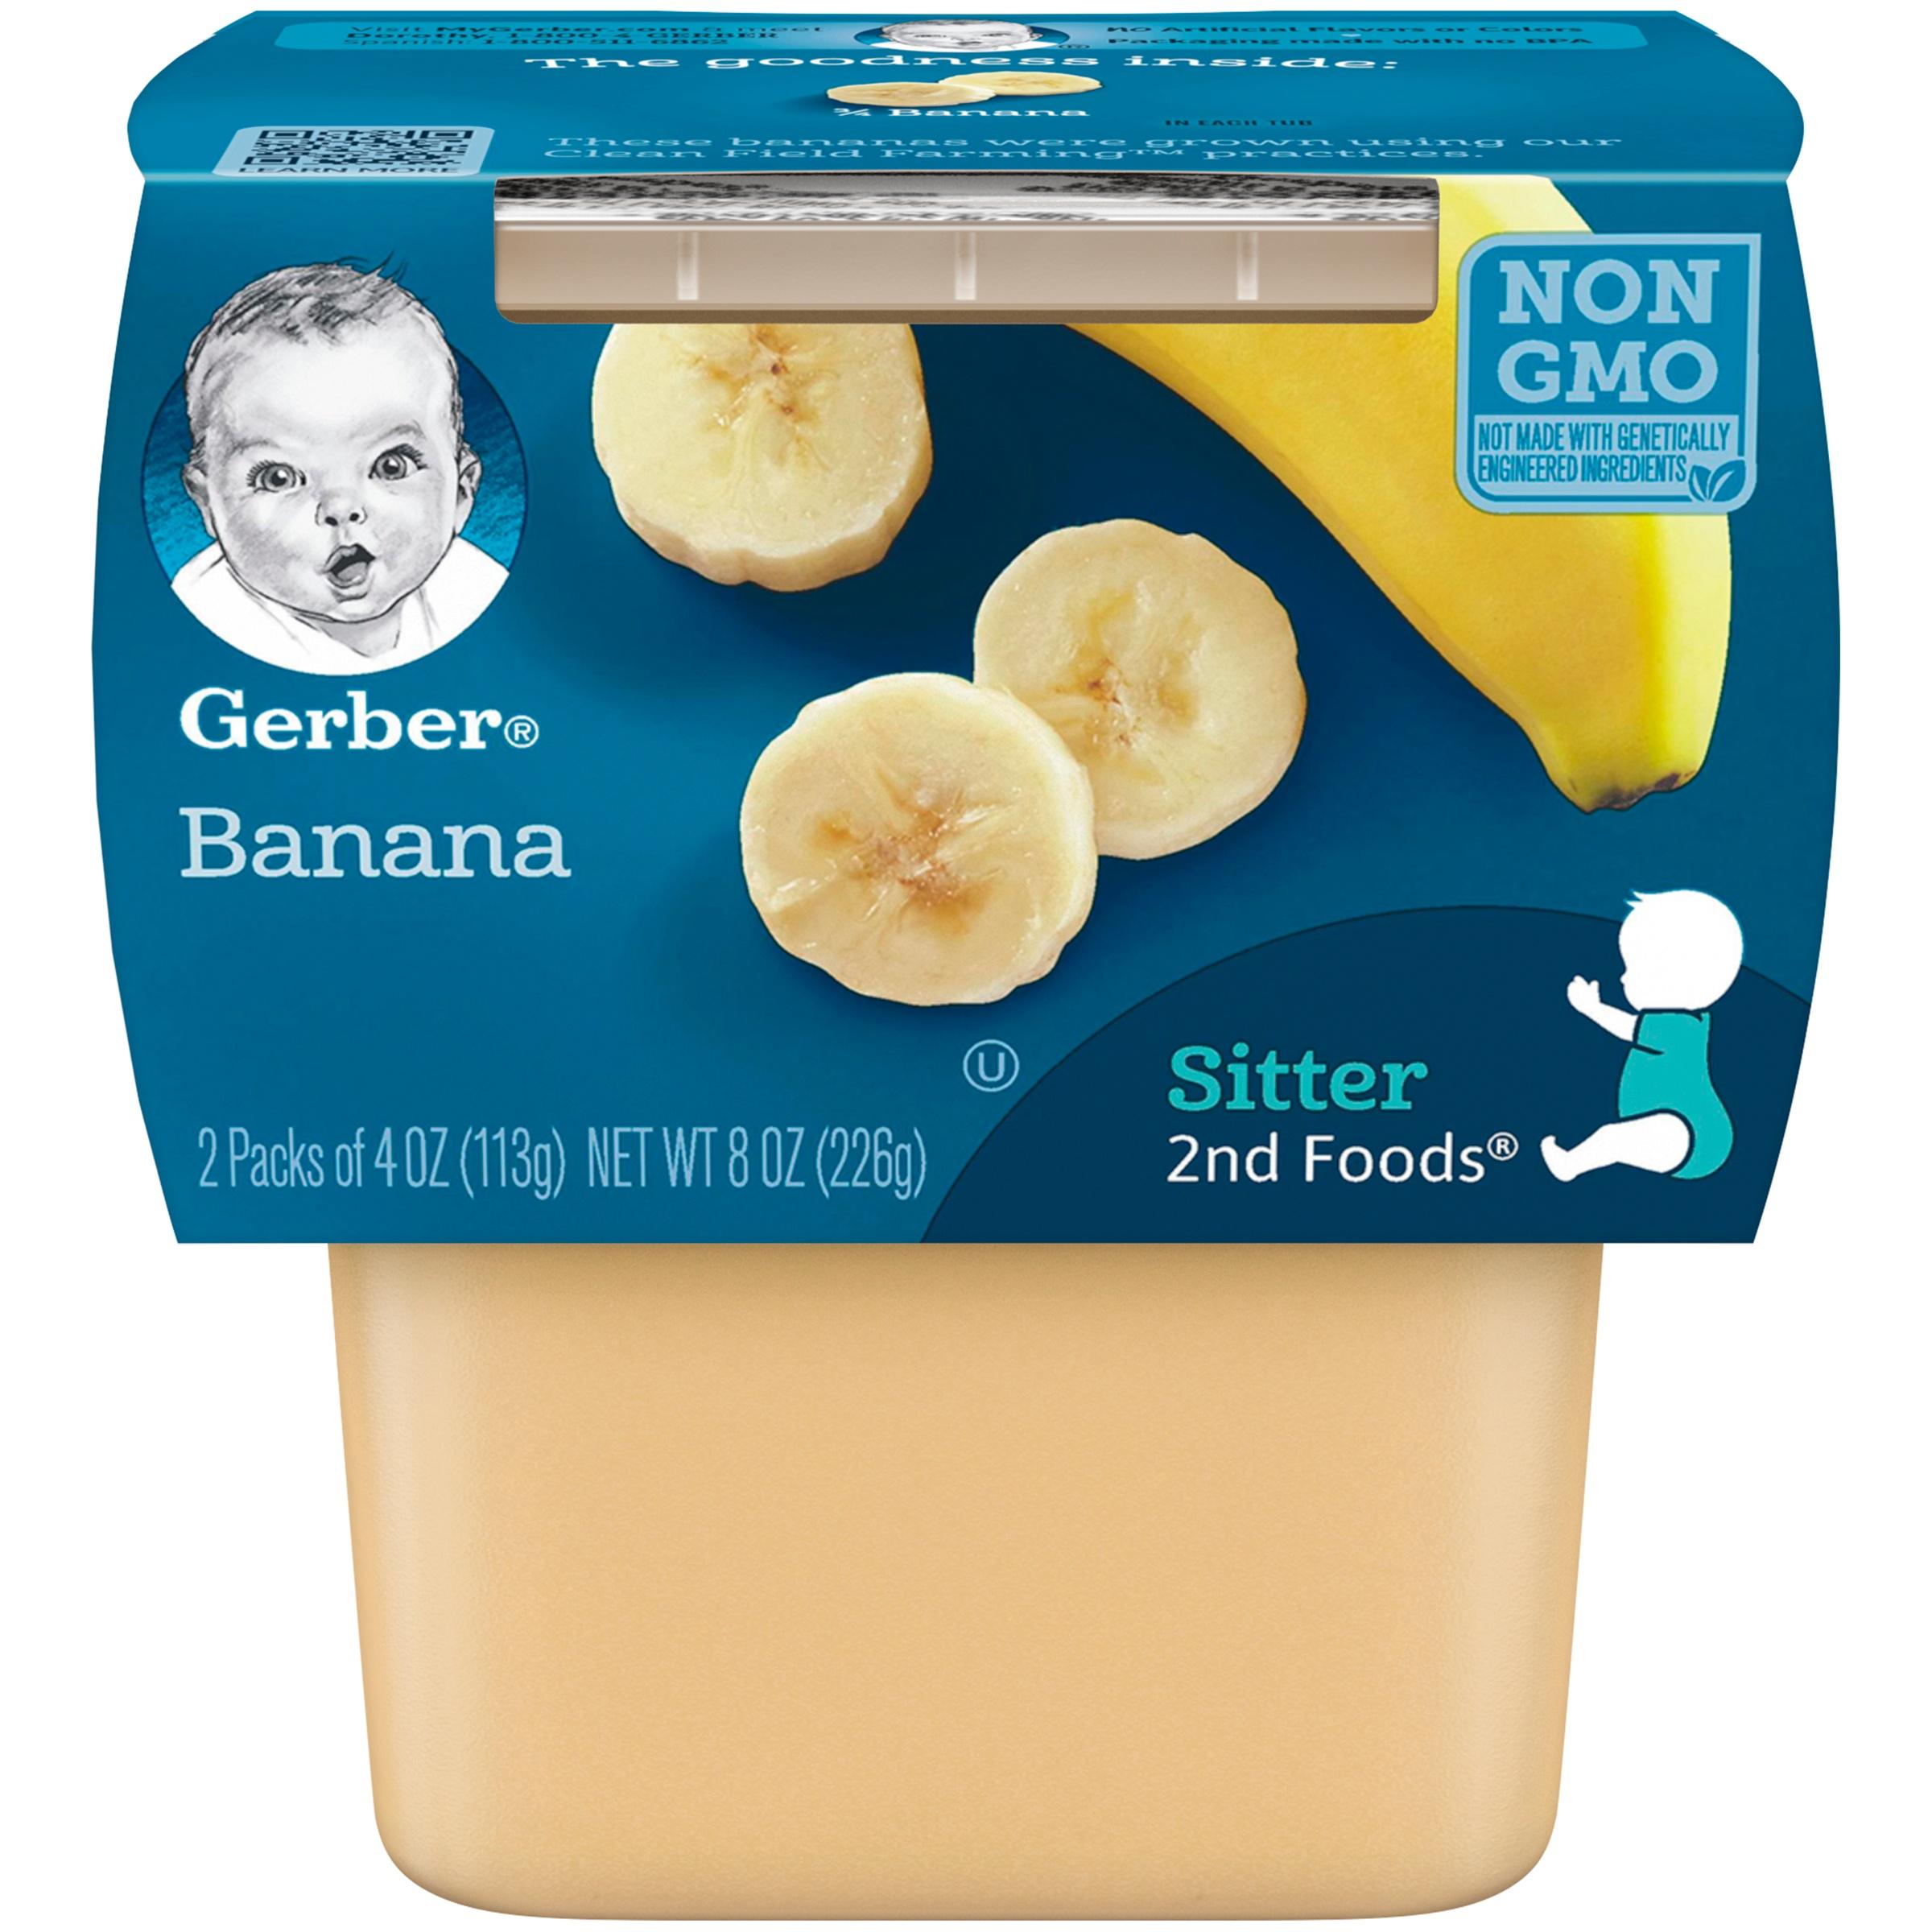 (8 Pack) Gerber 2nd Foods Bananas Baby Food, 4 oz. Tubs, 2 Count